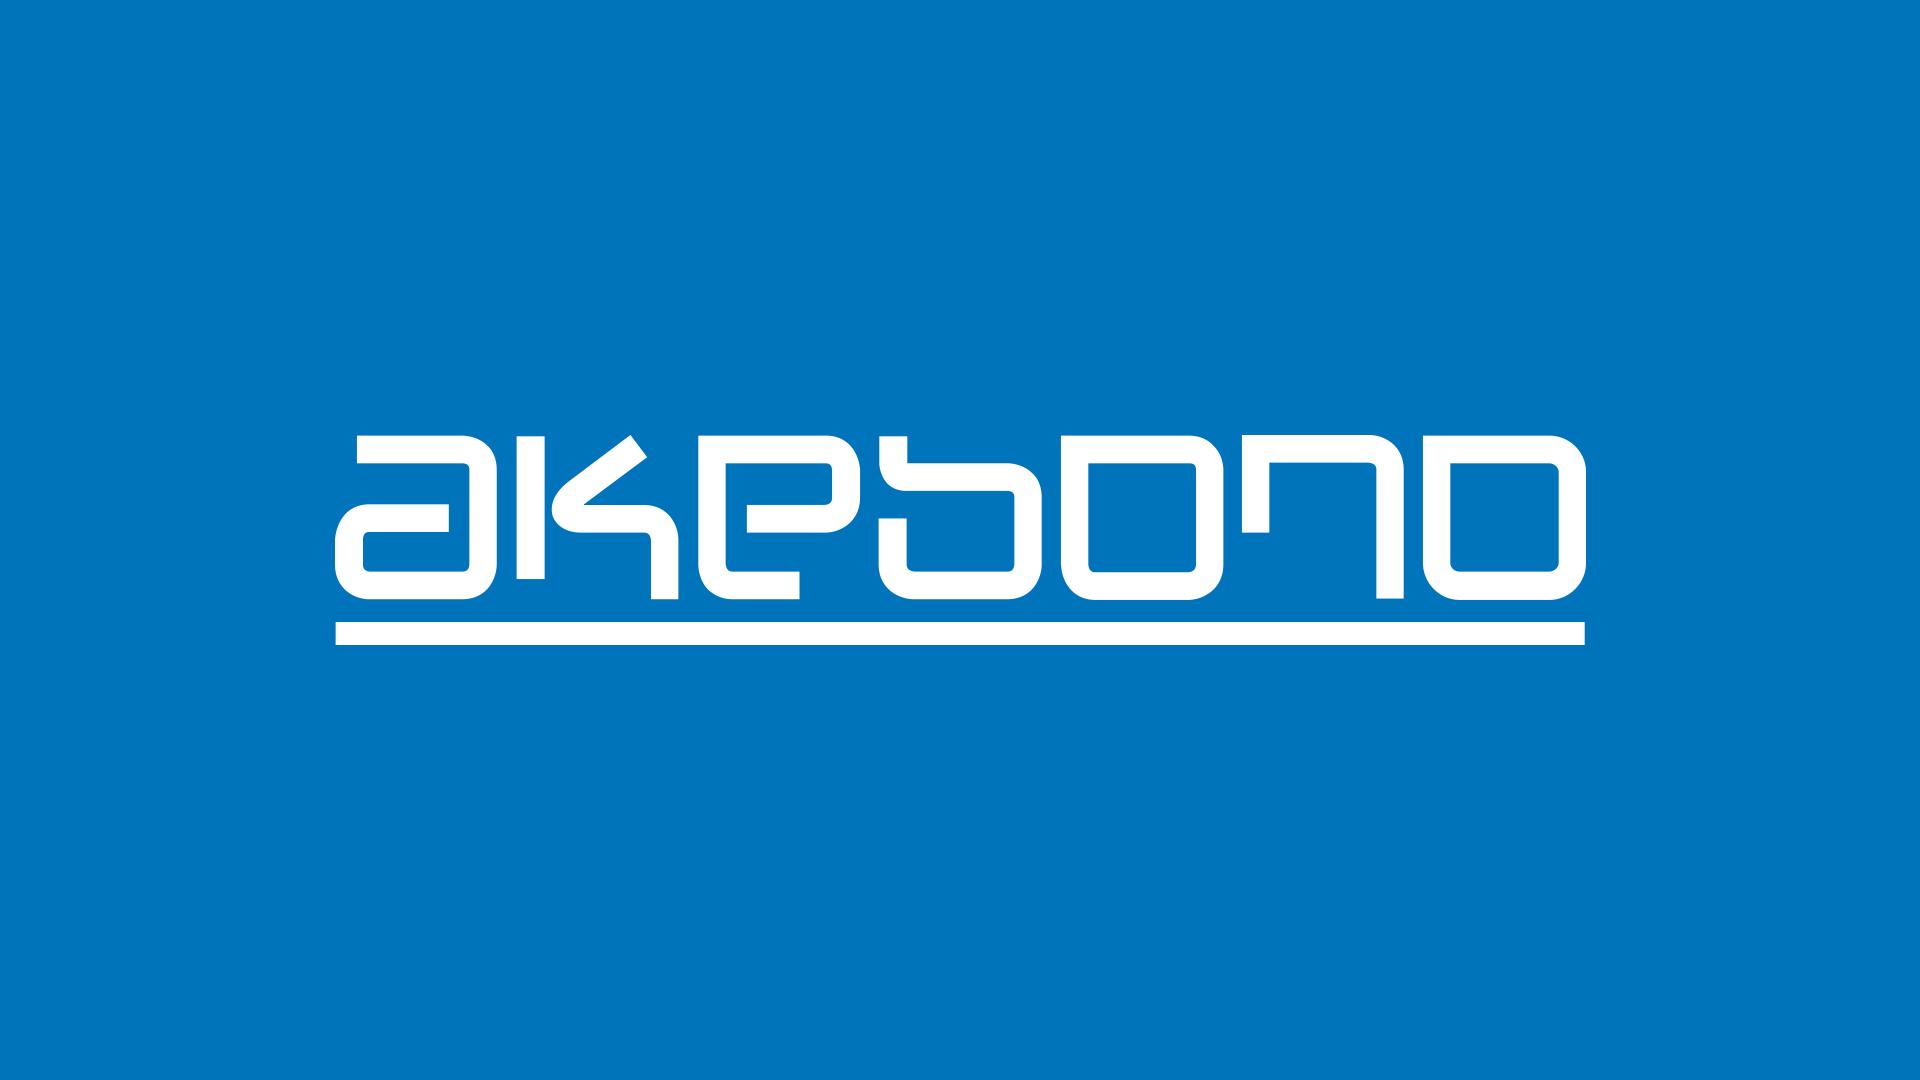 akebono-bg